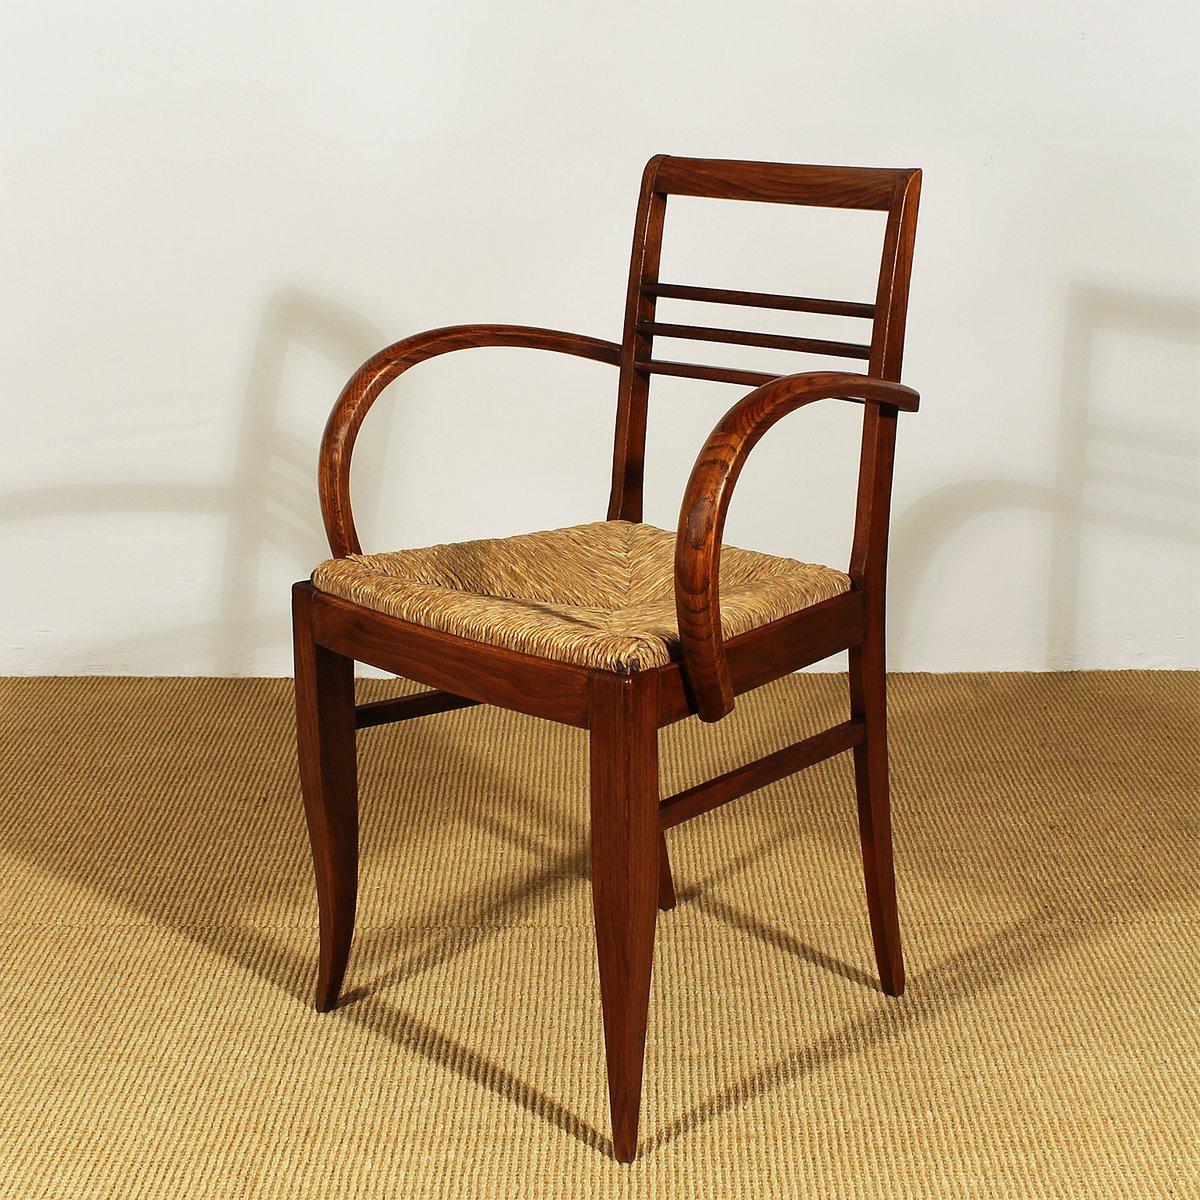 art d co bridge st hle aus eichenholz und stroh 1930er. Black Bedroom Furniture Sets. Home Design Ideas